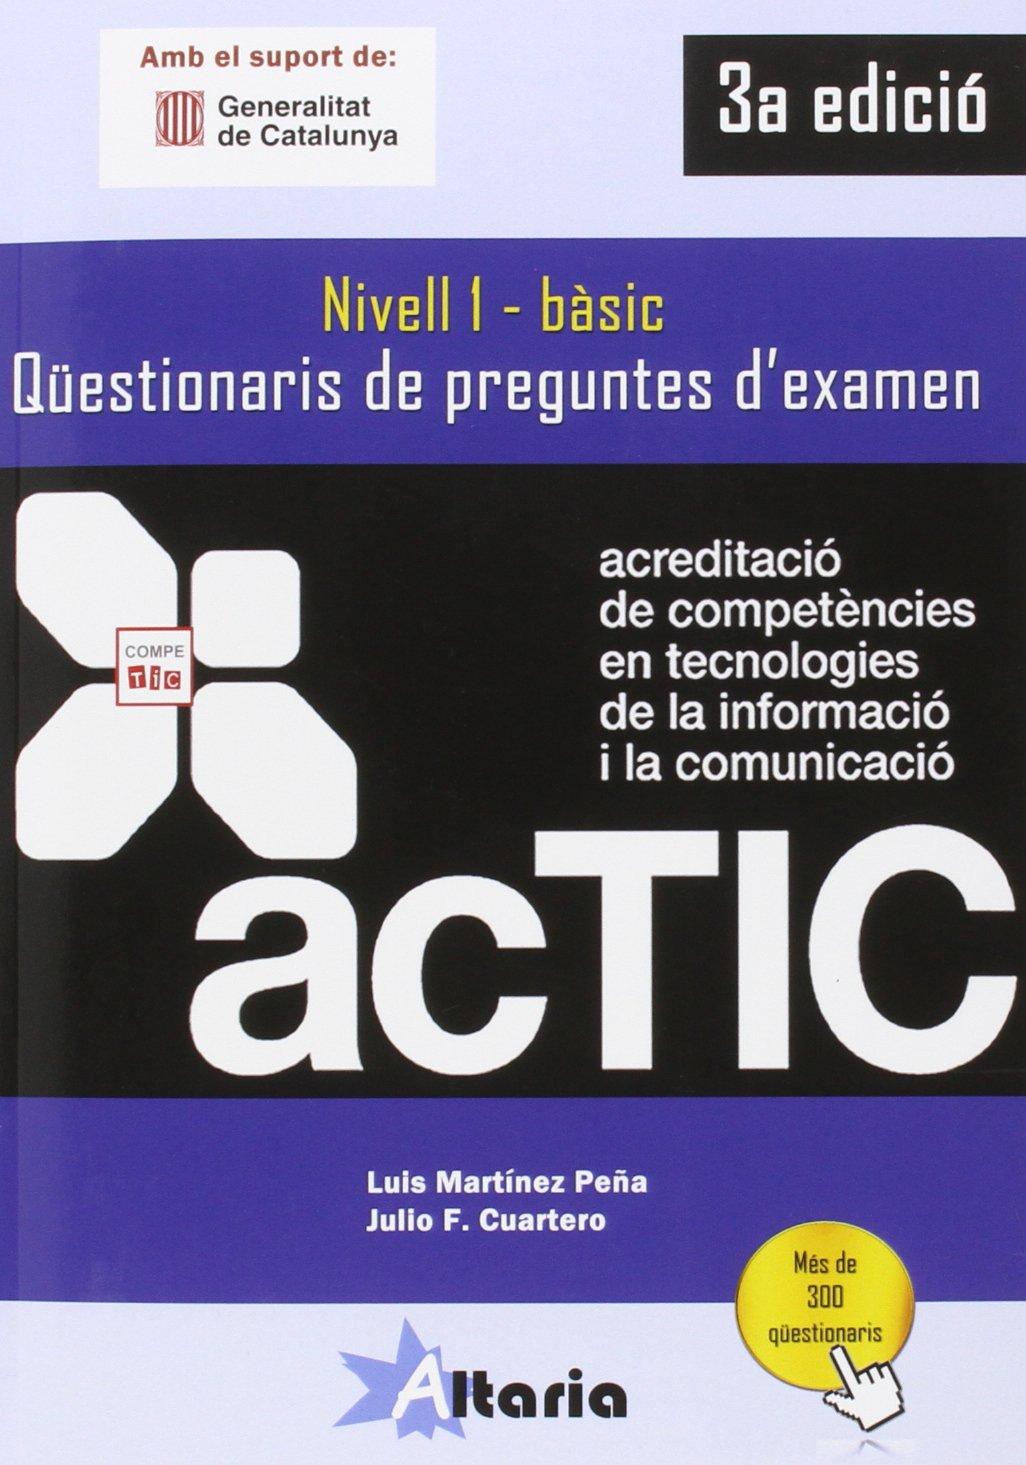 Qüestionaris de preguntes d'examen: ACTIC 1 (Catalán) Tapa blanda – 23 mar 2016 Luis Martínez Peña Editorial Altaria 8494477668 Computer certification